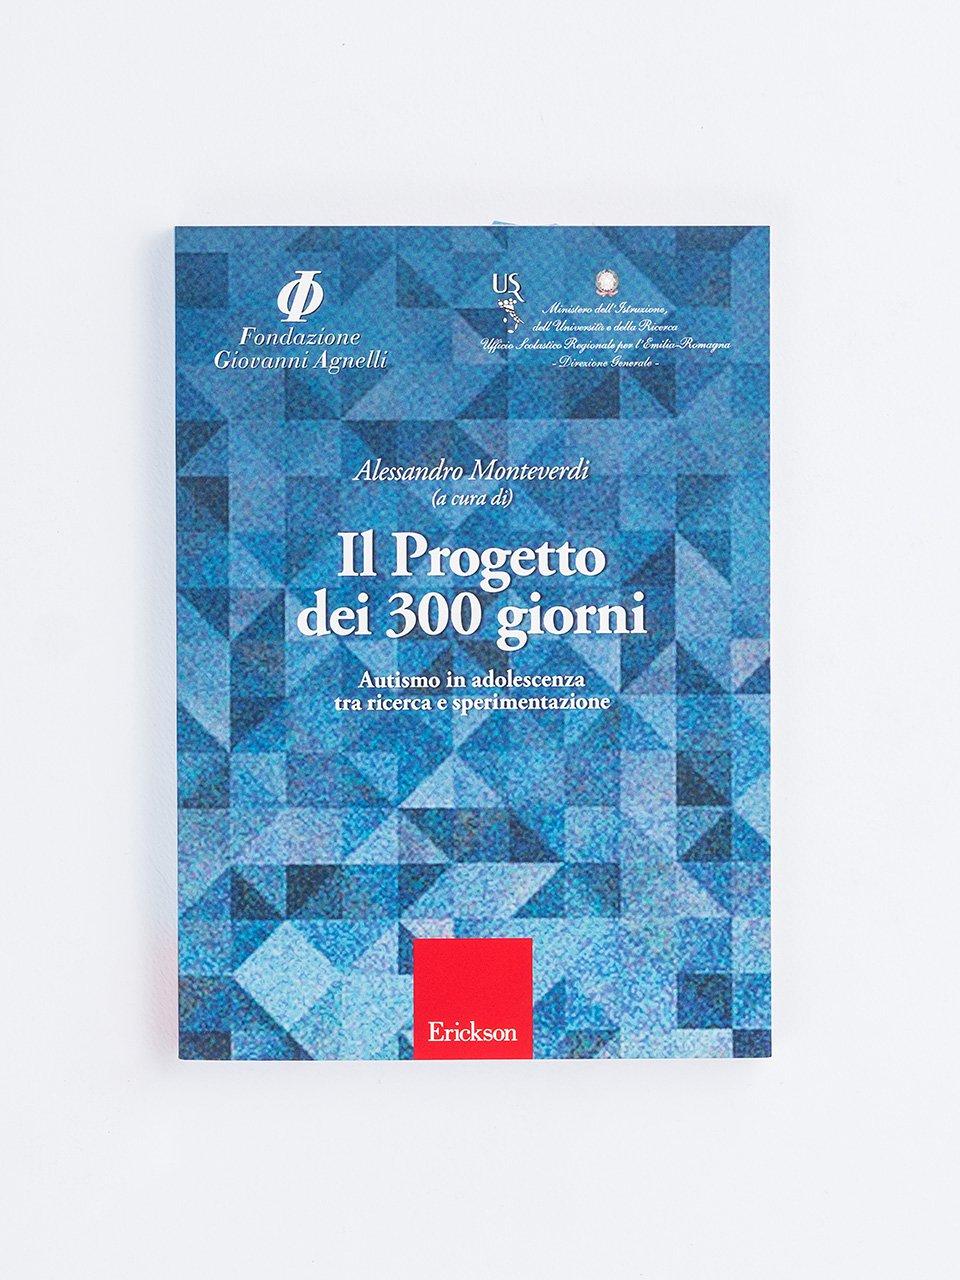 Il Progetto dei 300 giorni - Vedere, pensare altre cose - Libri - Erickson